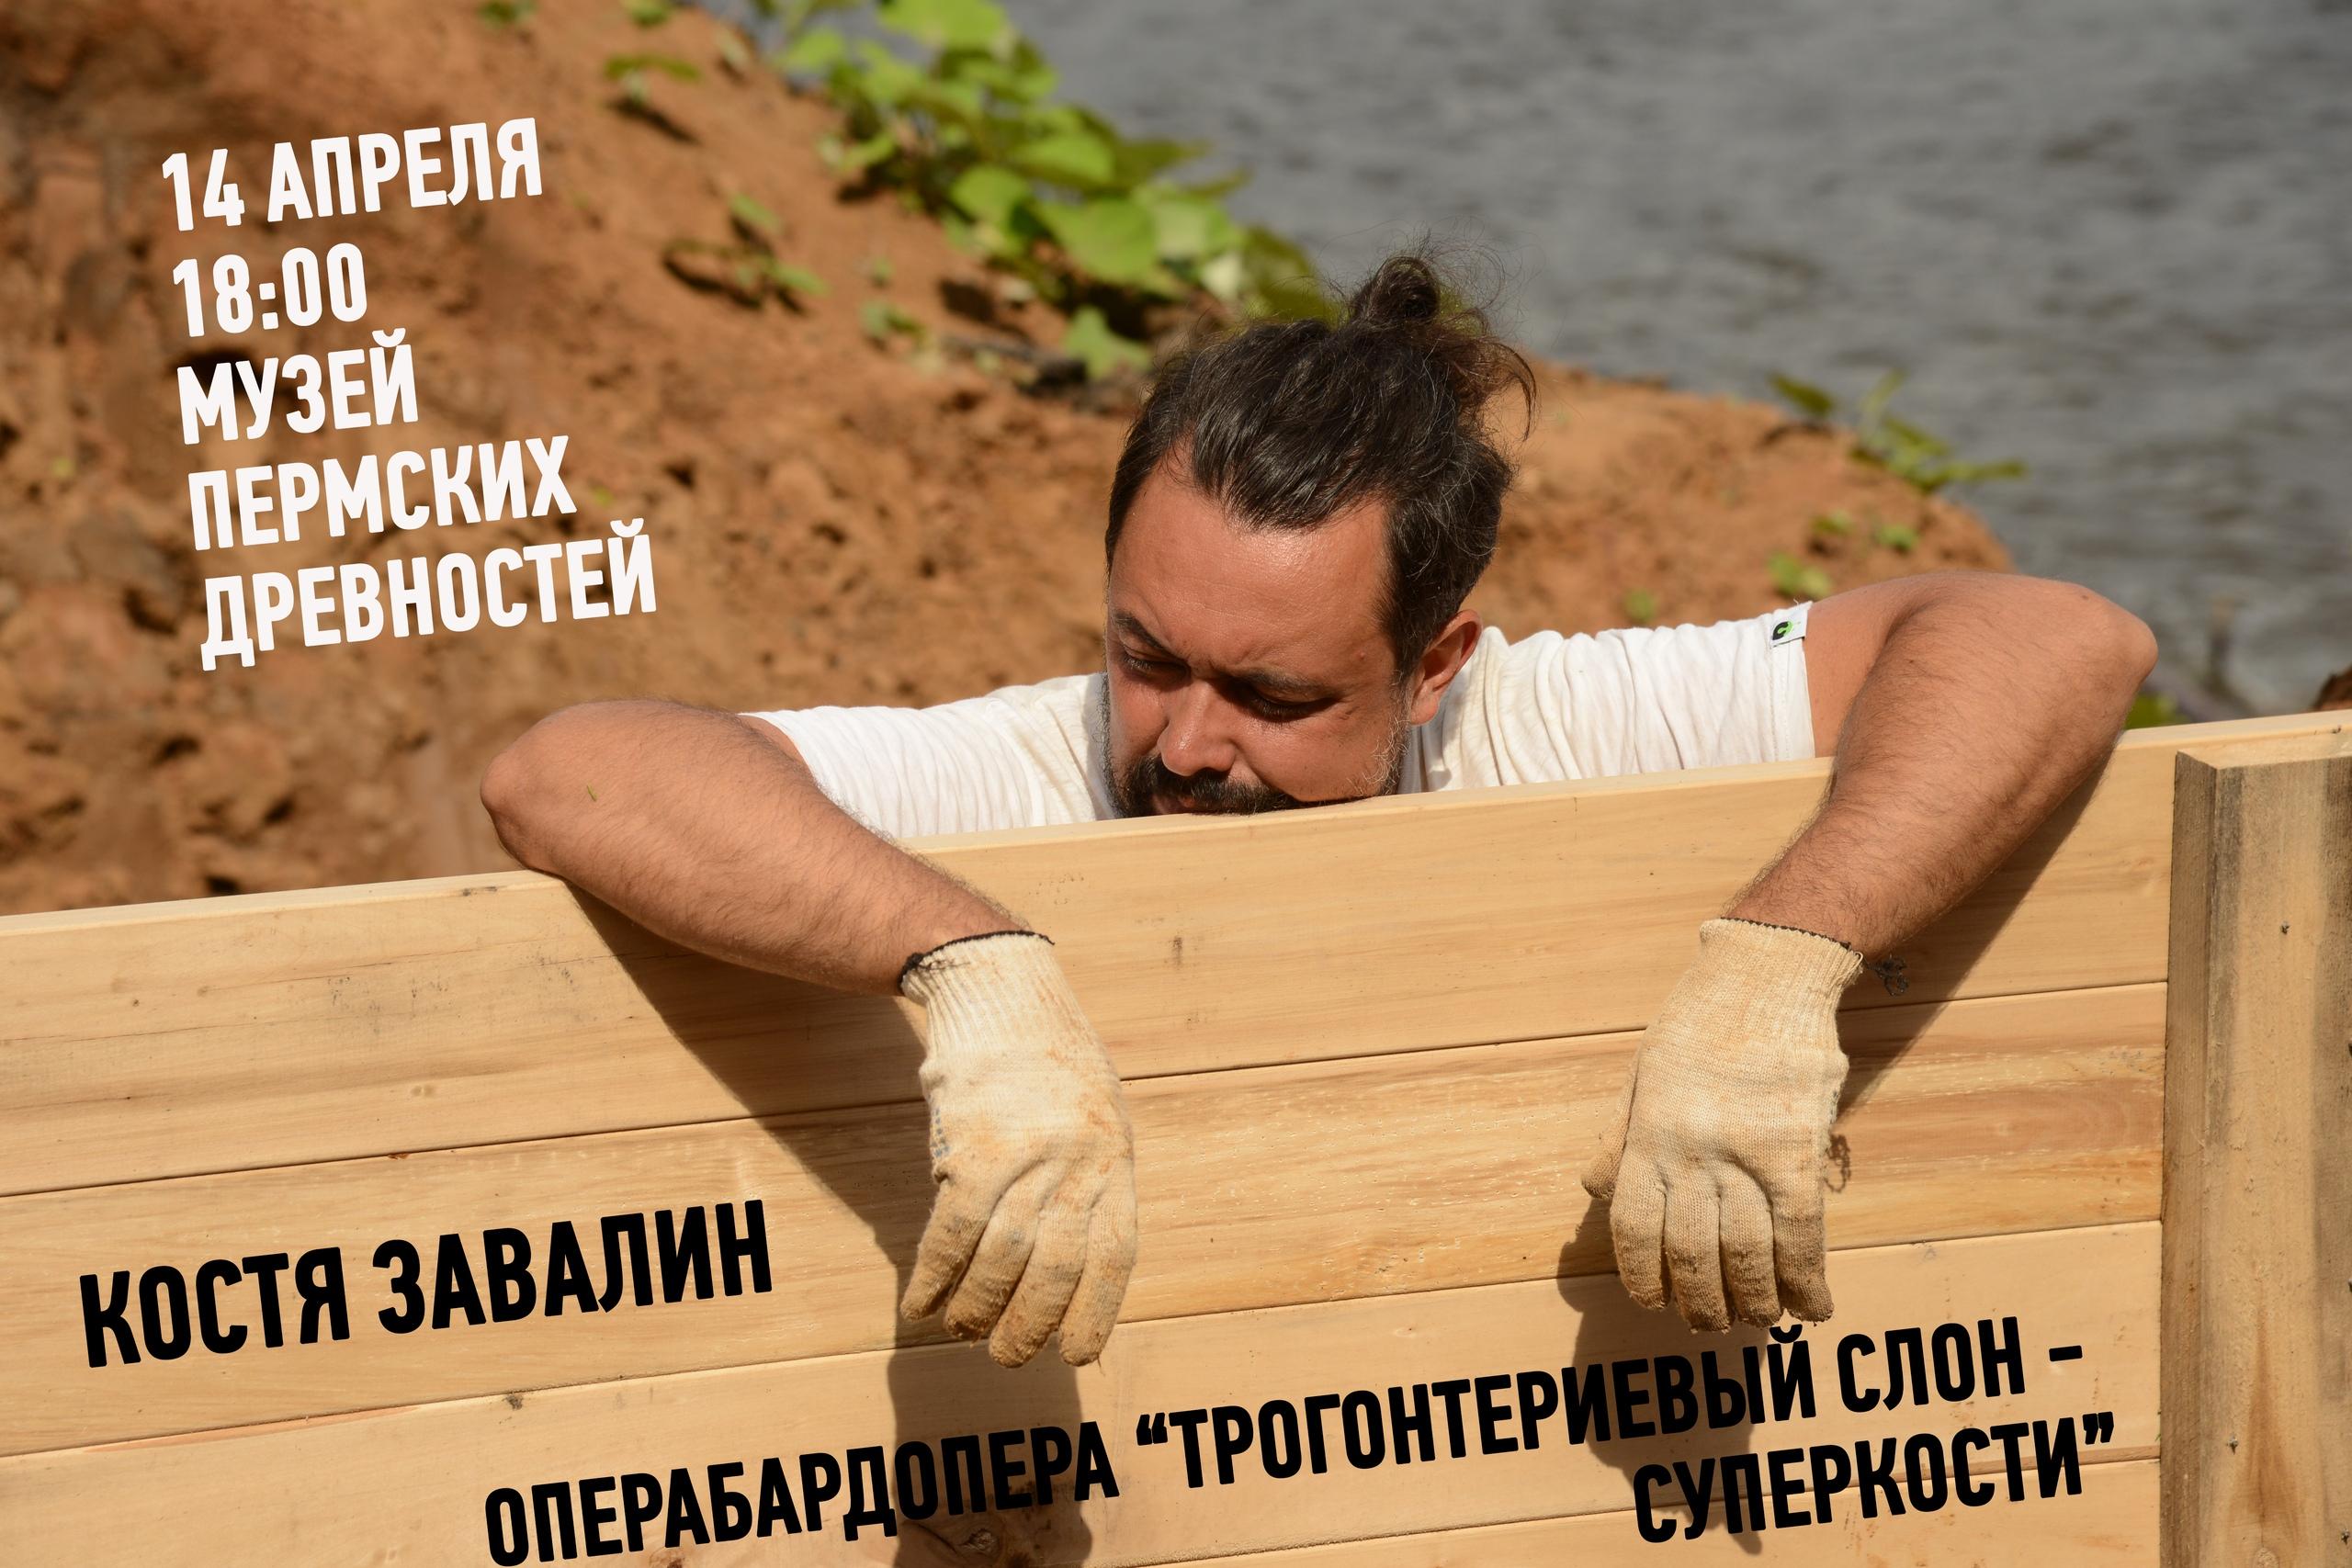 бардопера